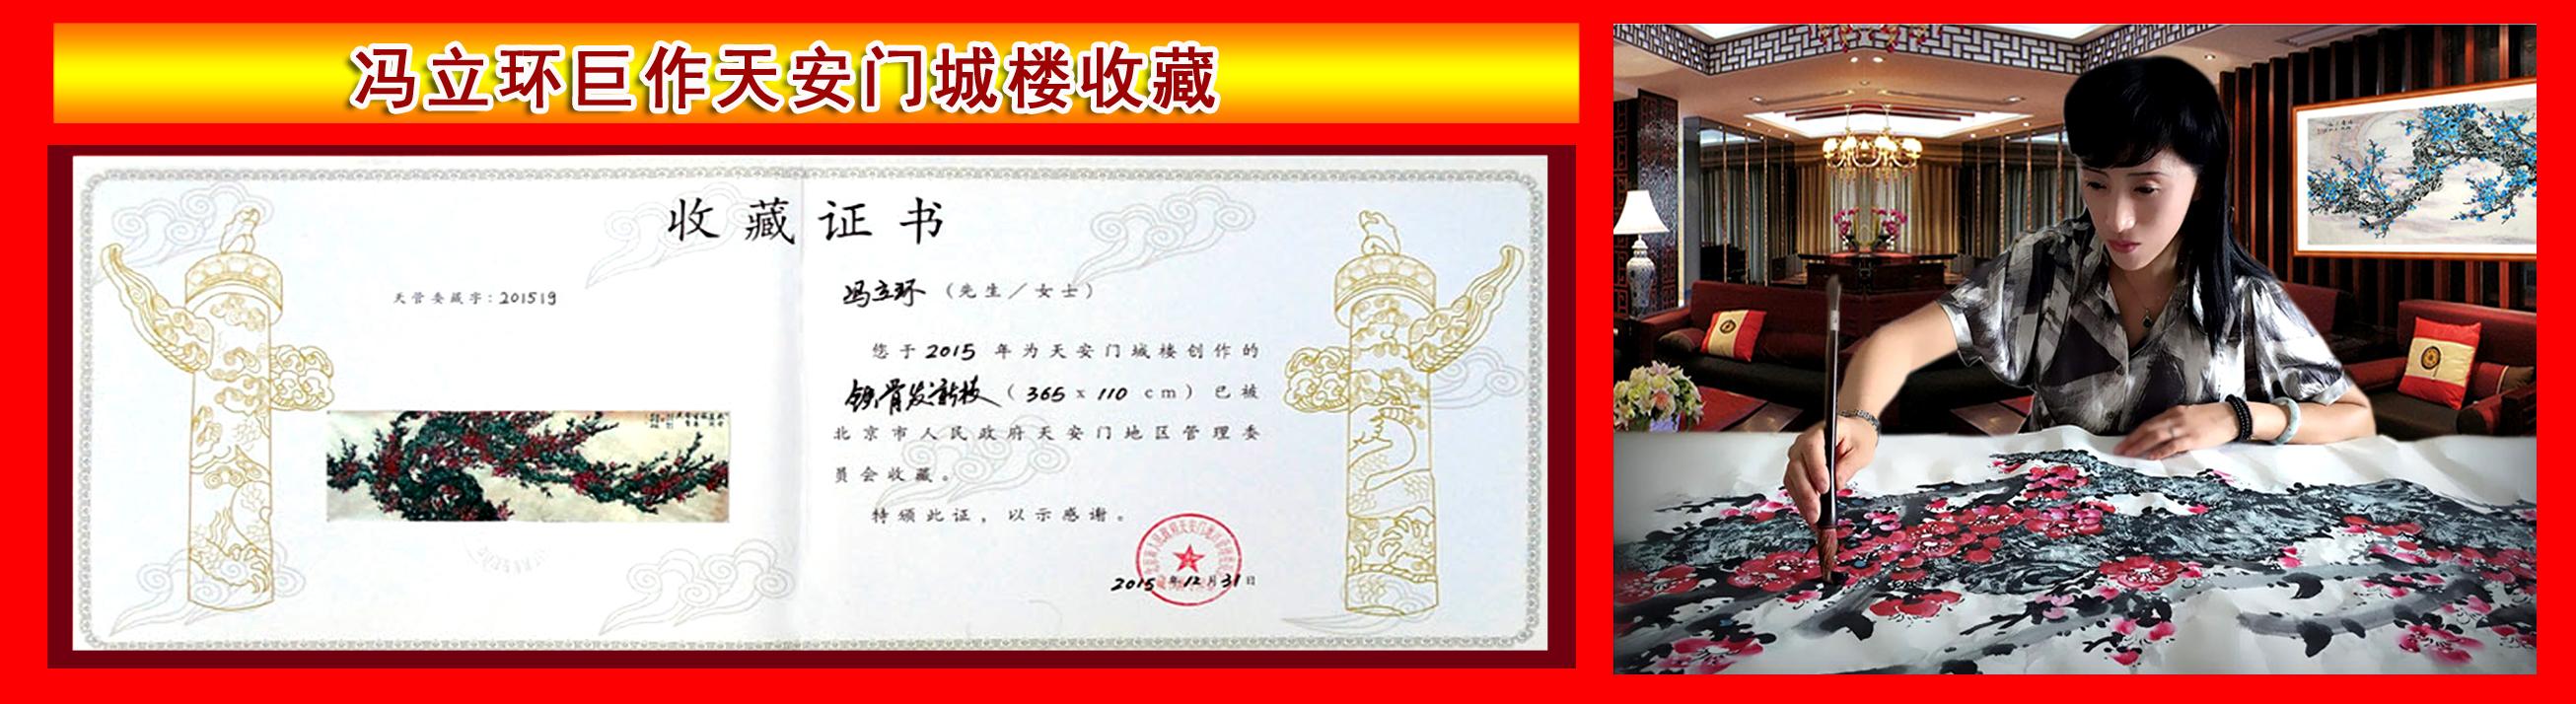 学贯中西:中国实力派画家冯立环